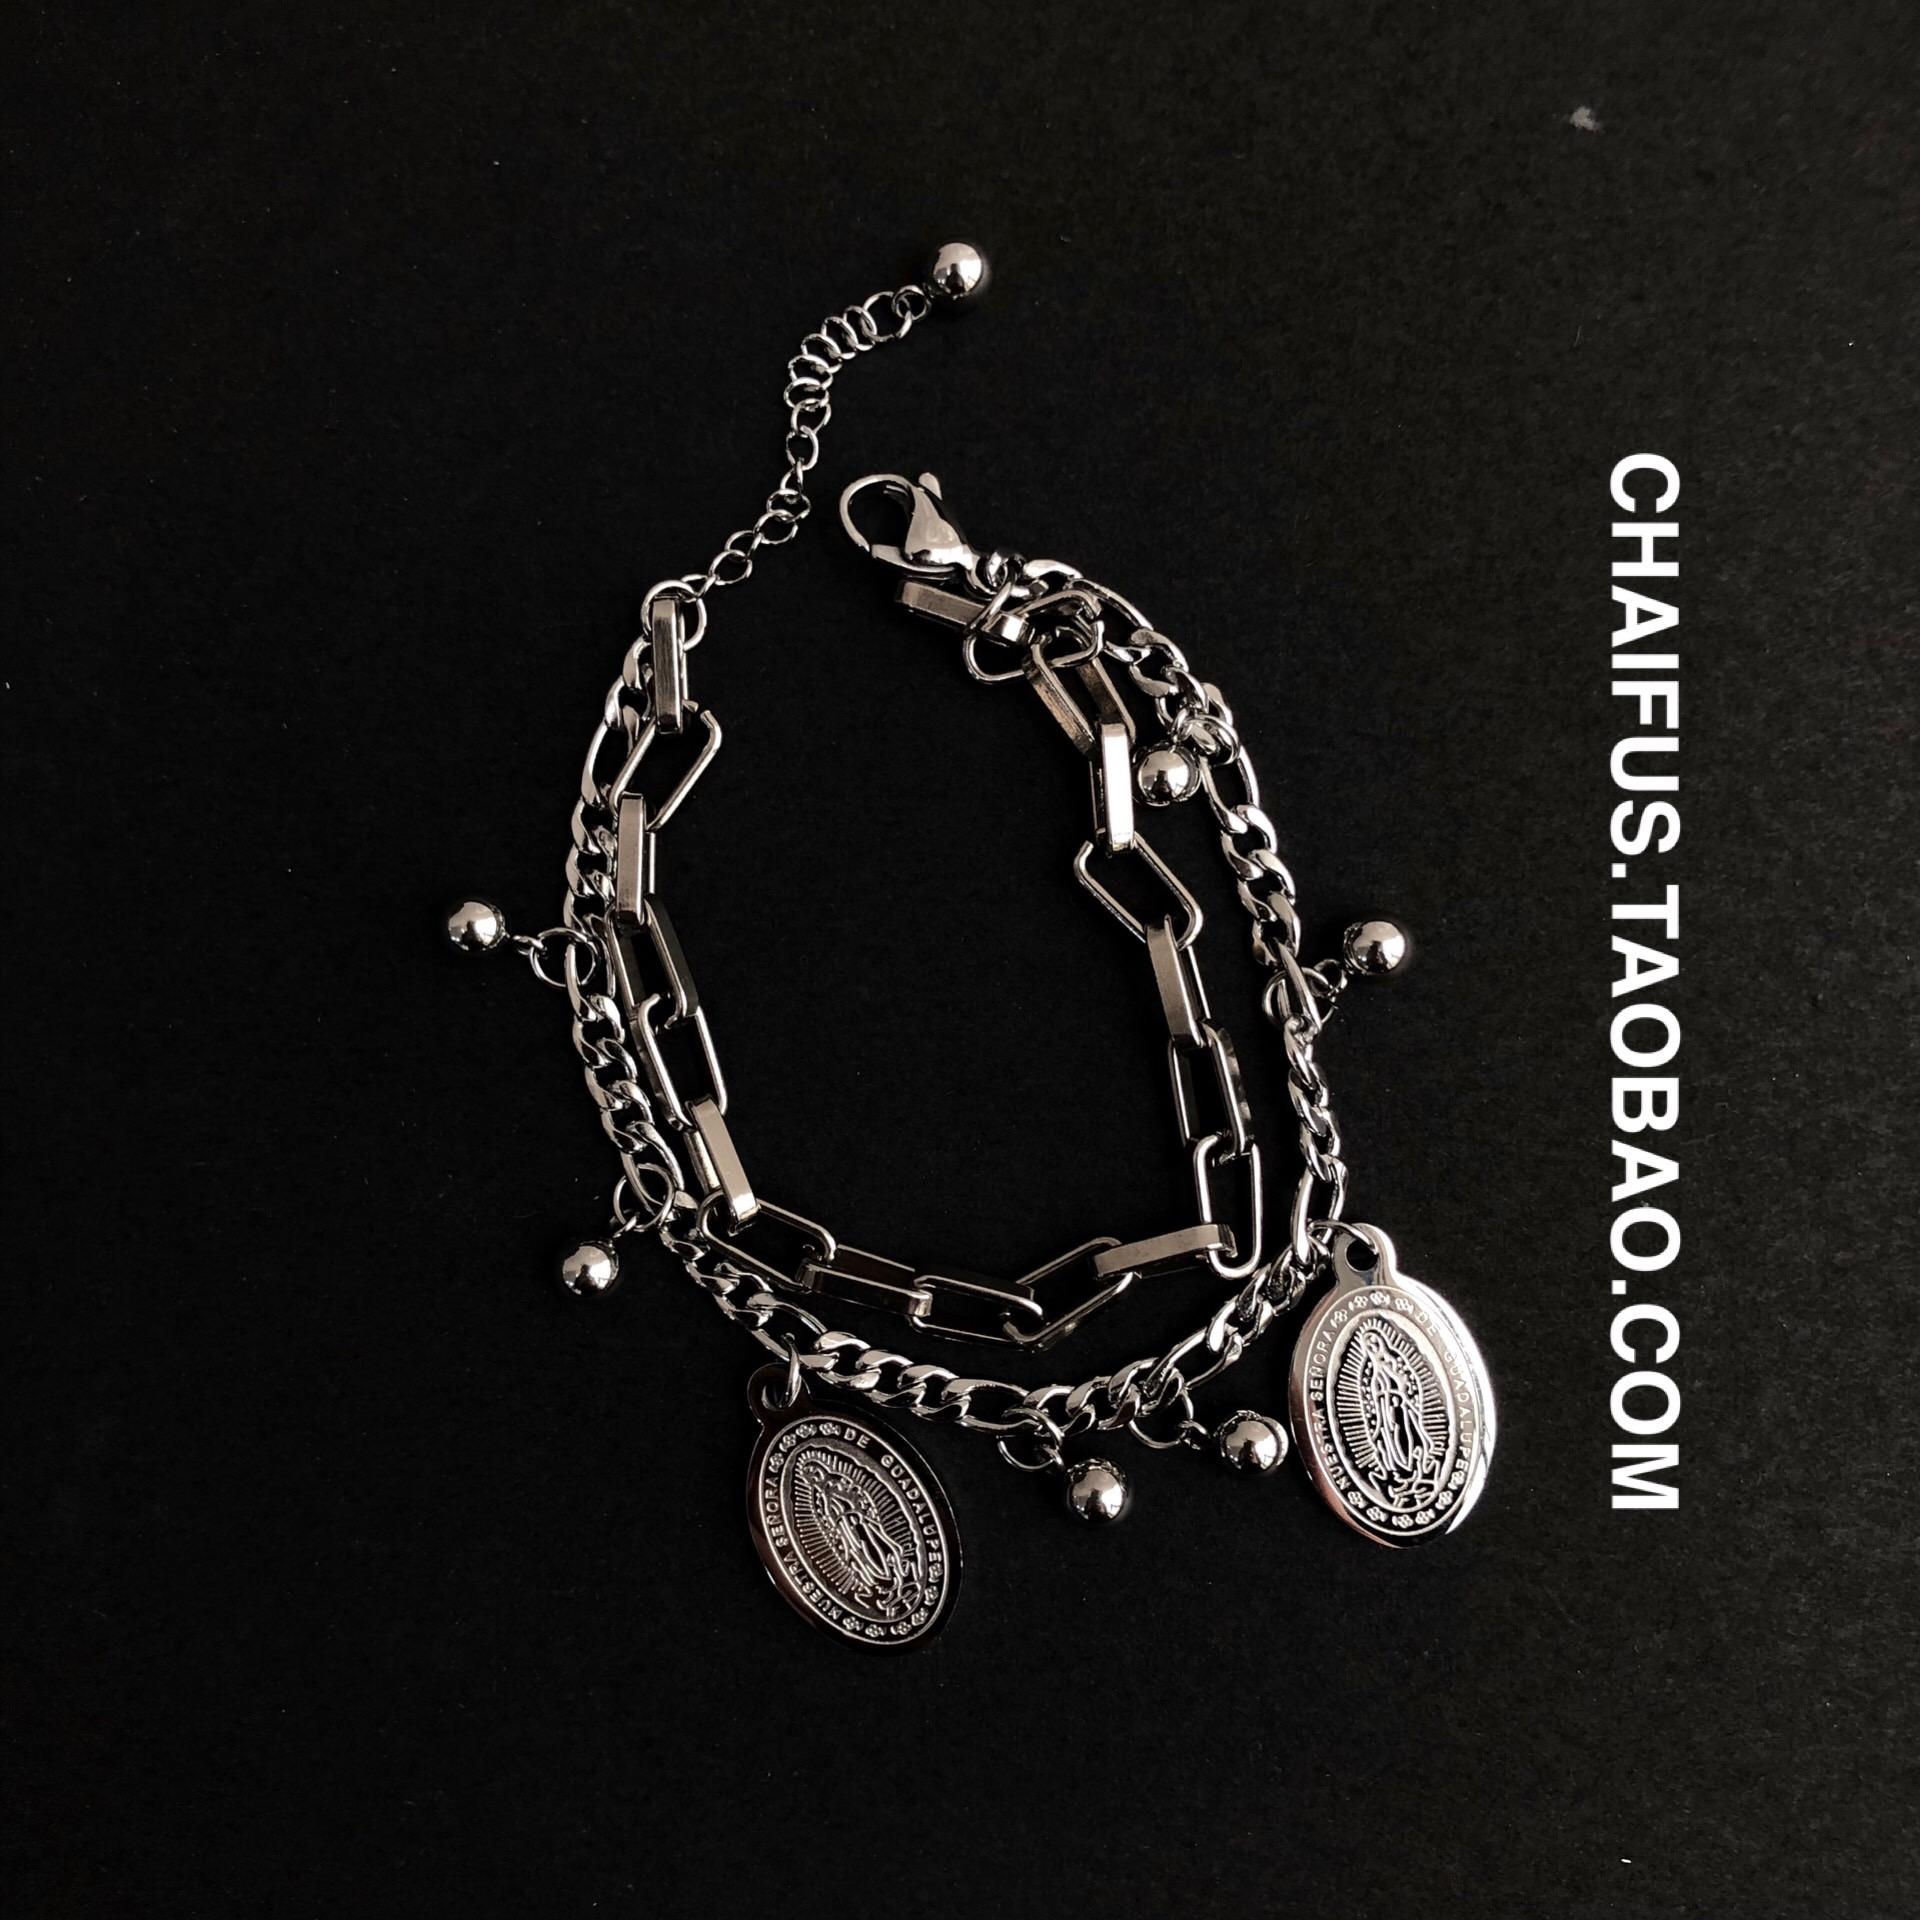 黑暗风暗黑双层耶稣手链单链条层次感手链 S50 studio Chaifu